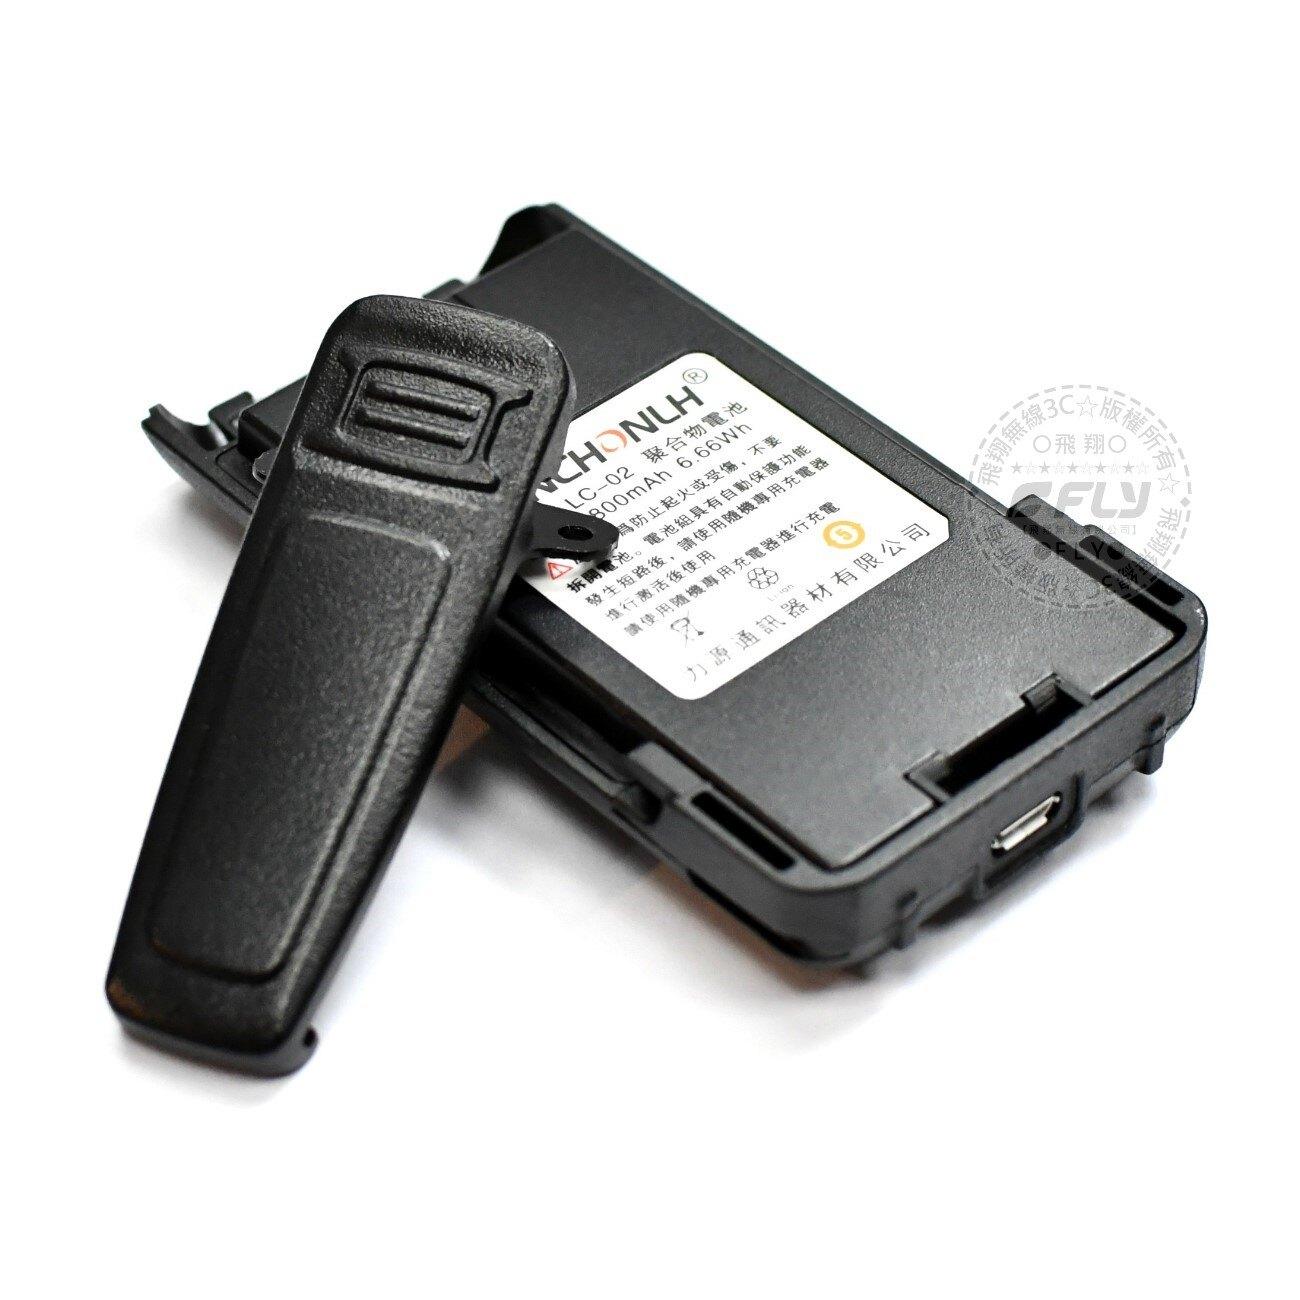 《飛翔無線3C》LANCHONLH LC-02 1800mAh 鋰電池+背夾◉公司貨◉原廠配件◉適用 HG-58U